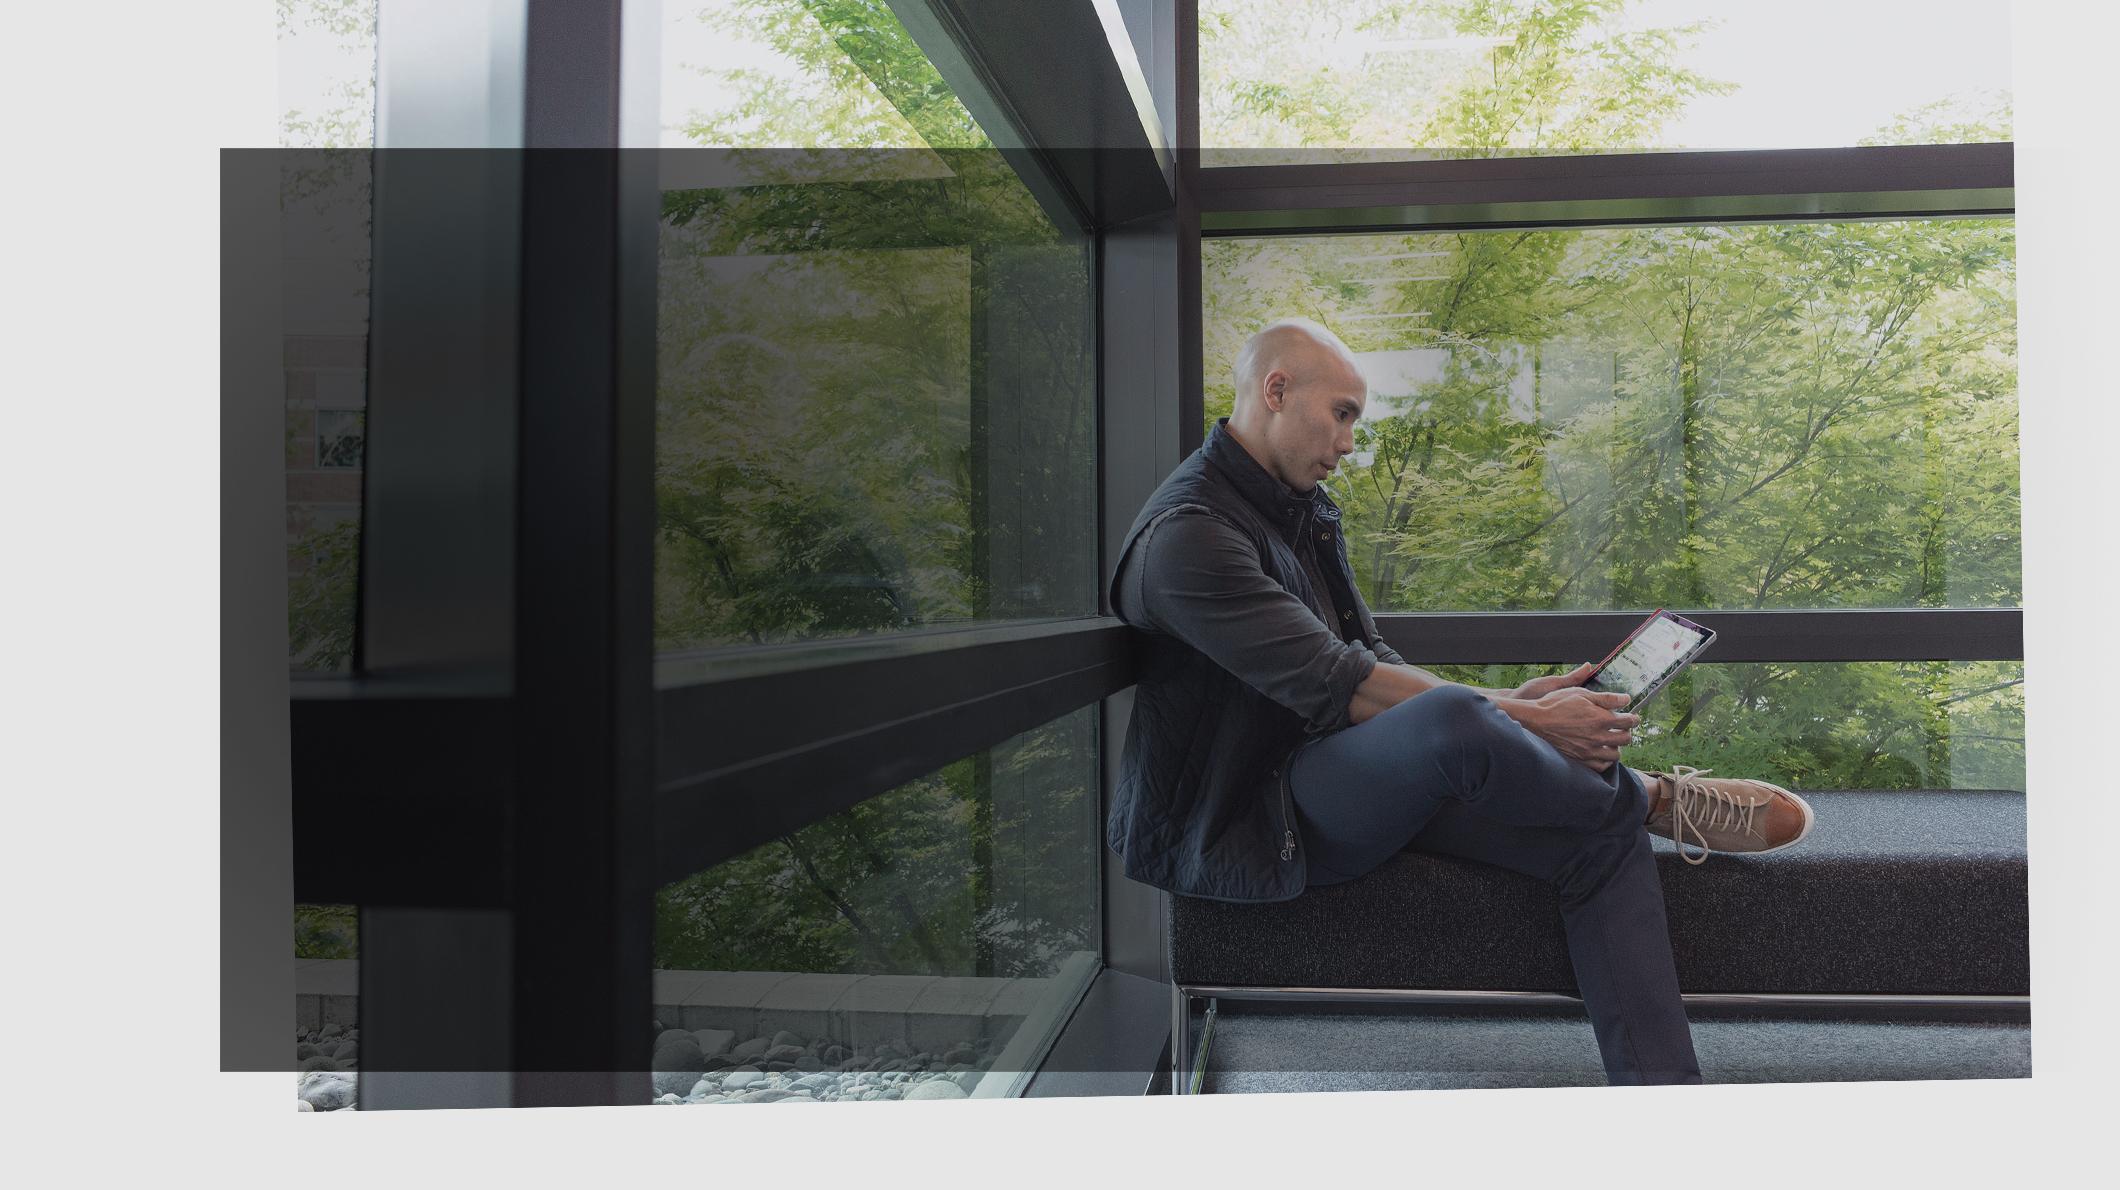 Vyras sėdi ant suolelio, žiūri į rankose laikomą įrenginį